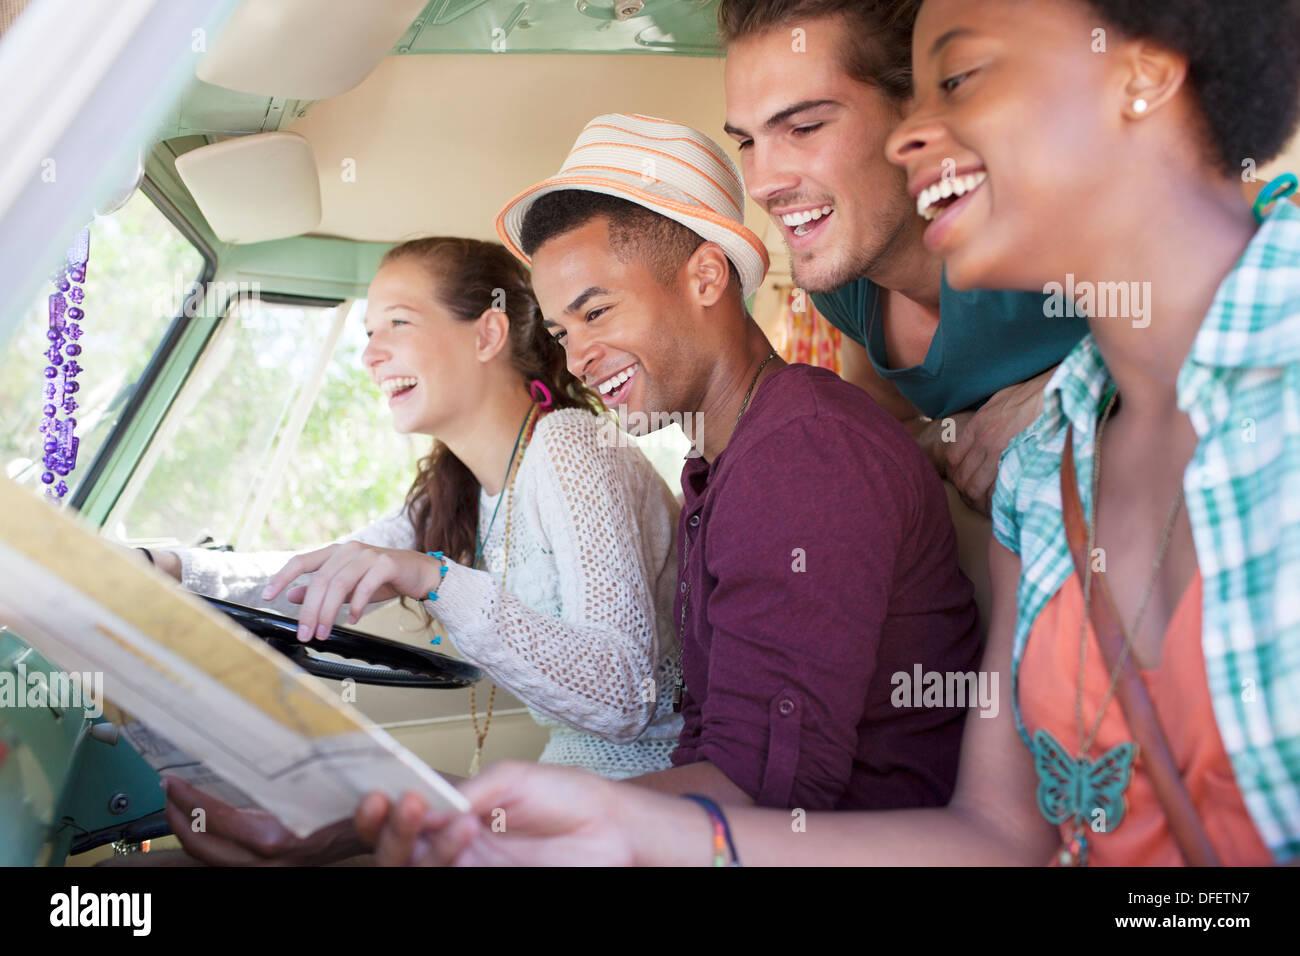 Smiling friends in van Photo Stock